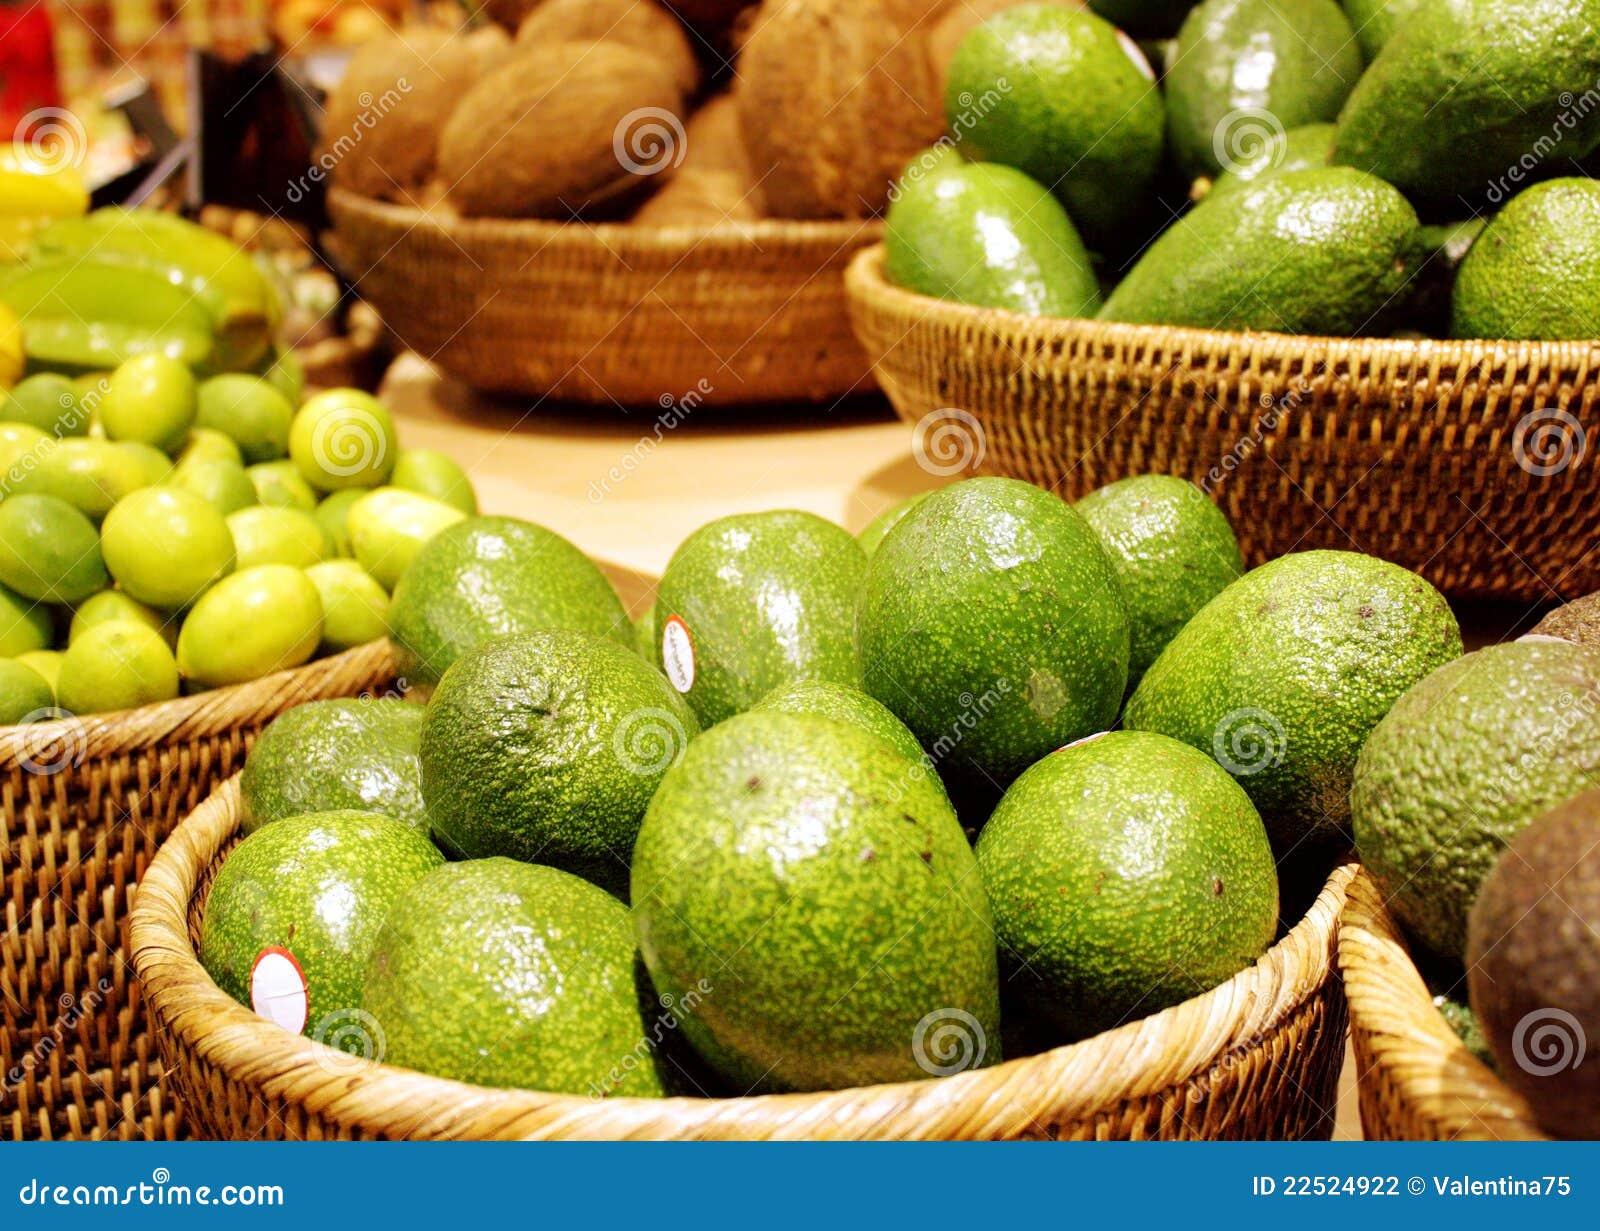 Passiflore comestible de passiflore et fruits exotiques - Image fruit exotique ...